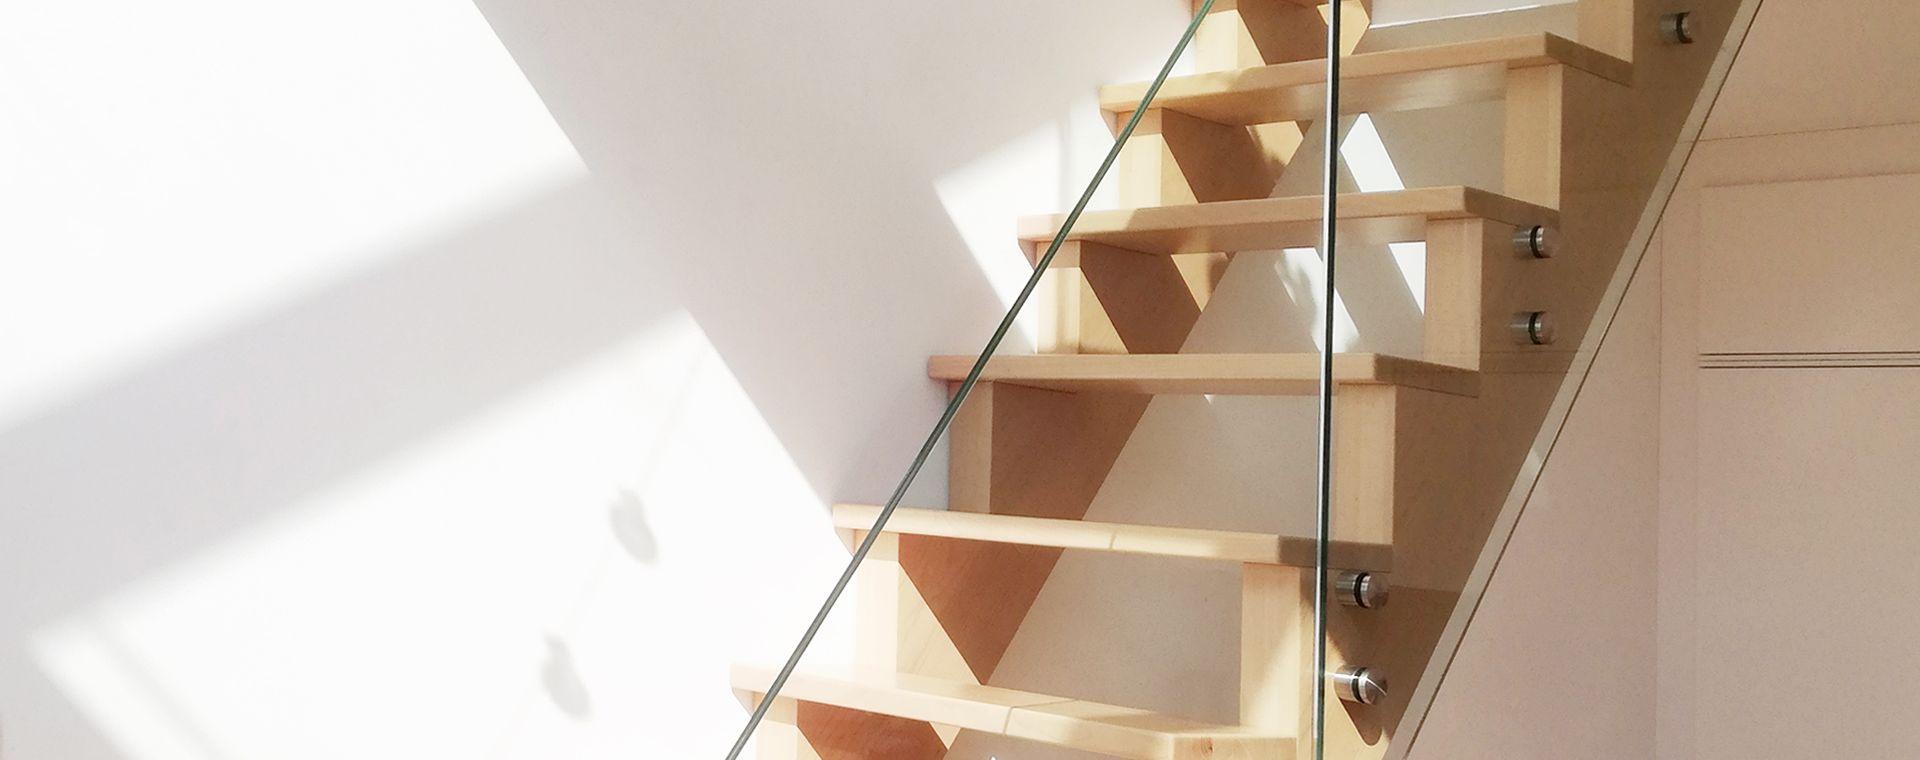 Duplex project renovation /maisonette / mezonet and realization, hand out, Na Kopečku 2, Prague 8, 2017-2019, CZ